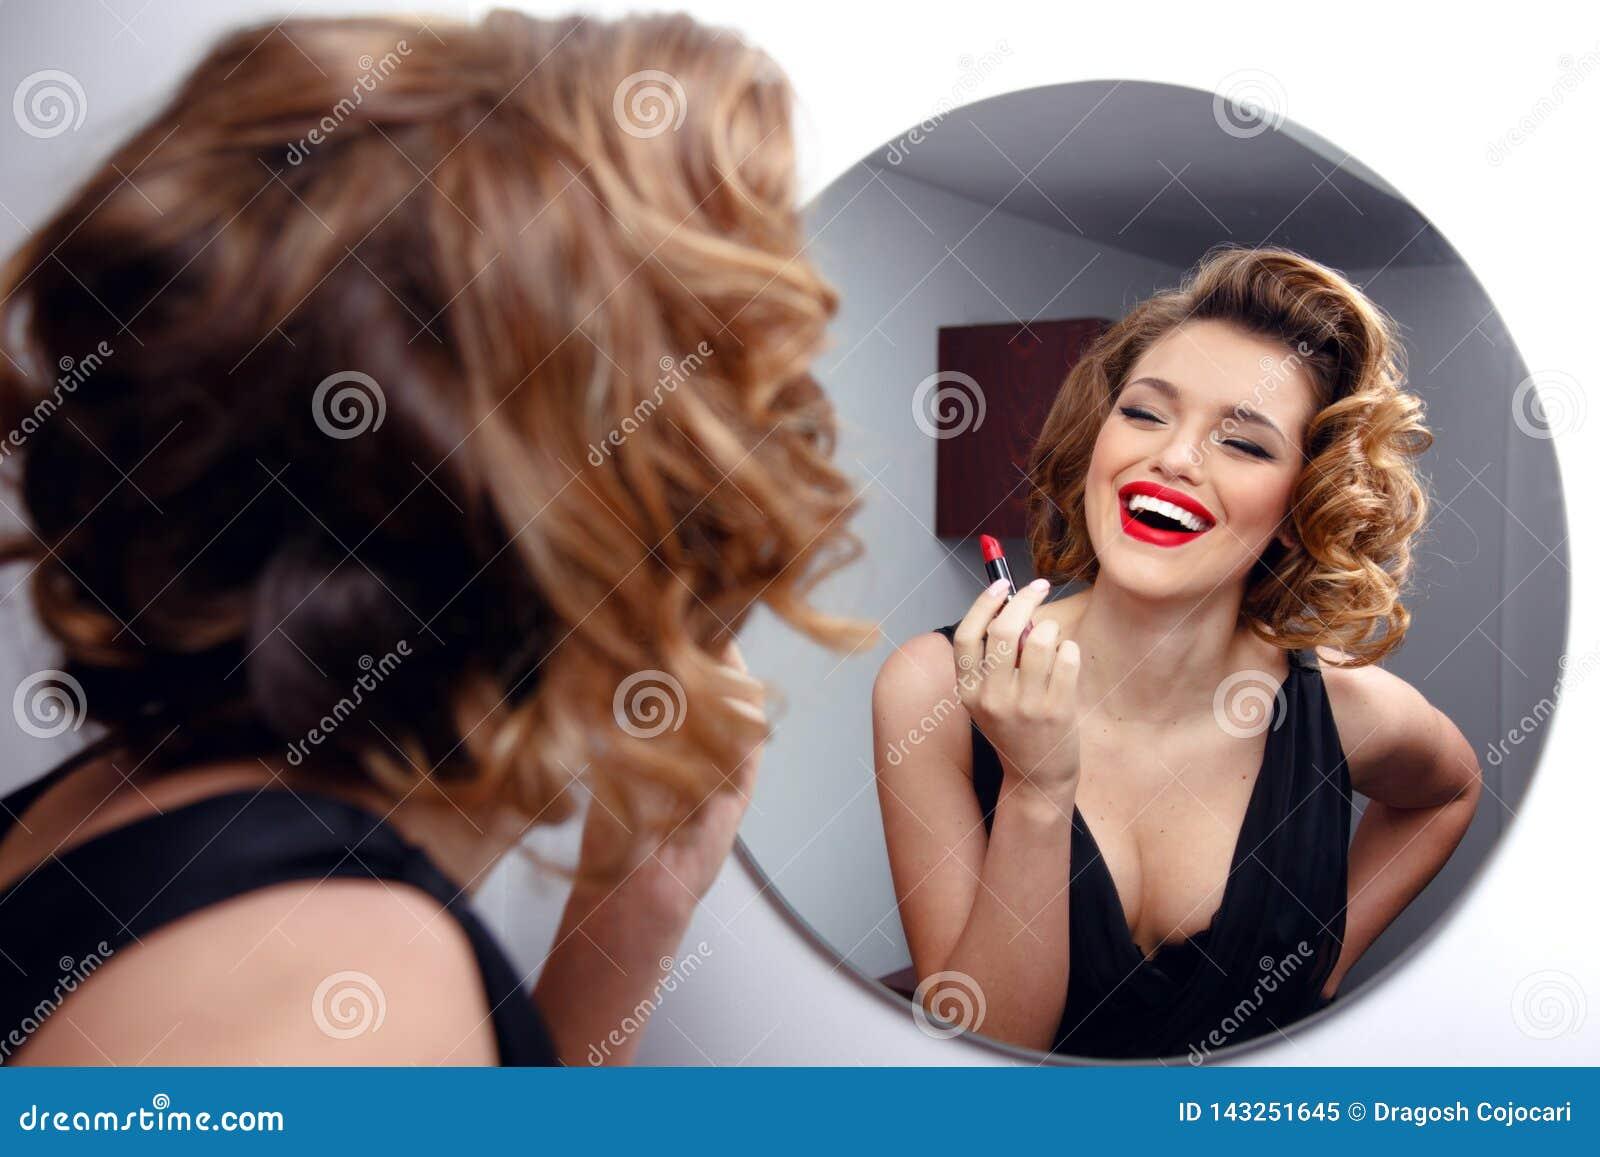 Красивая усмехаясь молодая женщина с идеальным составляет, красные губы, ретро стиль причесок в черном платье, смотря в зеркале